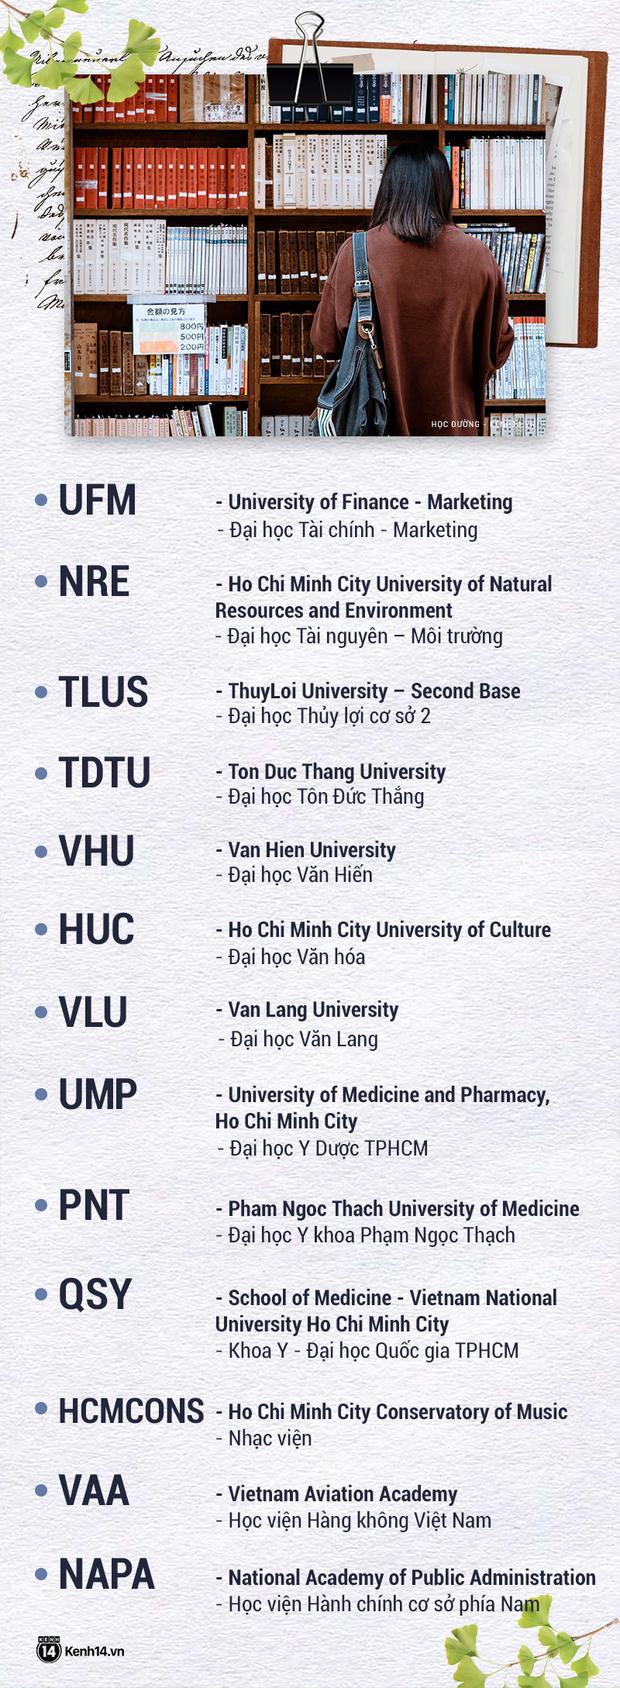 Thử thách nhìn tên viết tắt đoán trường Đại học: Nhiều chỗ chưa chuẩn, dễ bị nhầm lẫn, gây tranh cãi nhất là Bách Khoa TPHCM - Ảnh 4.